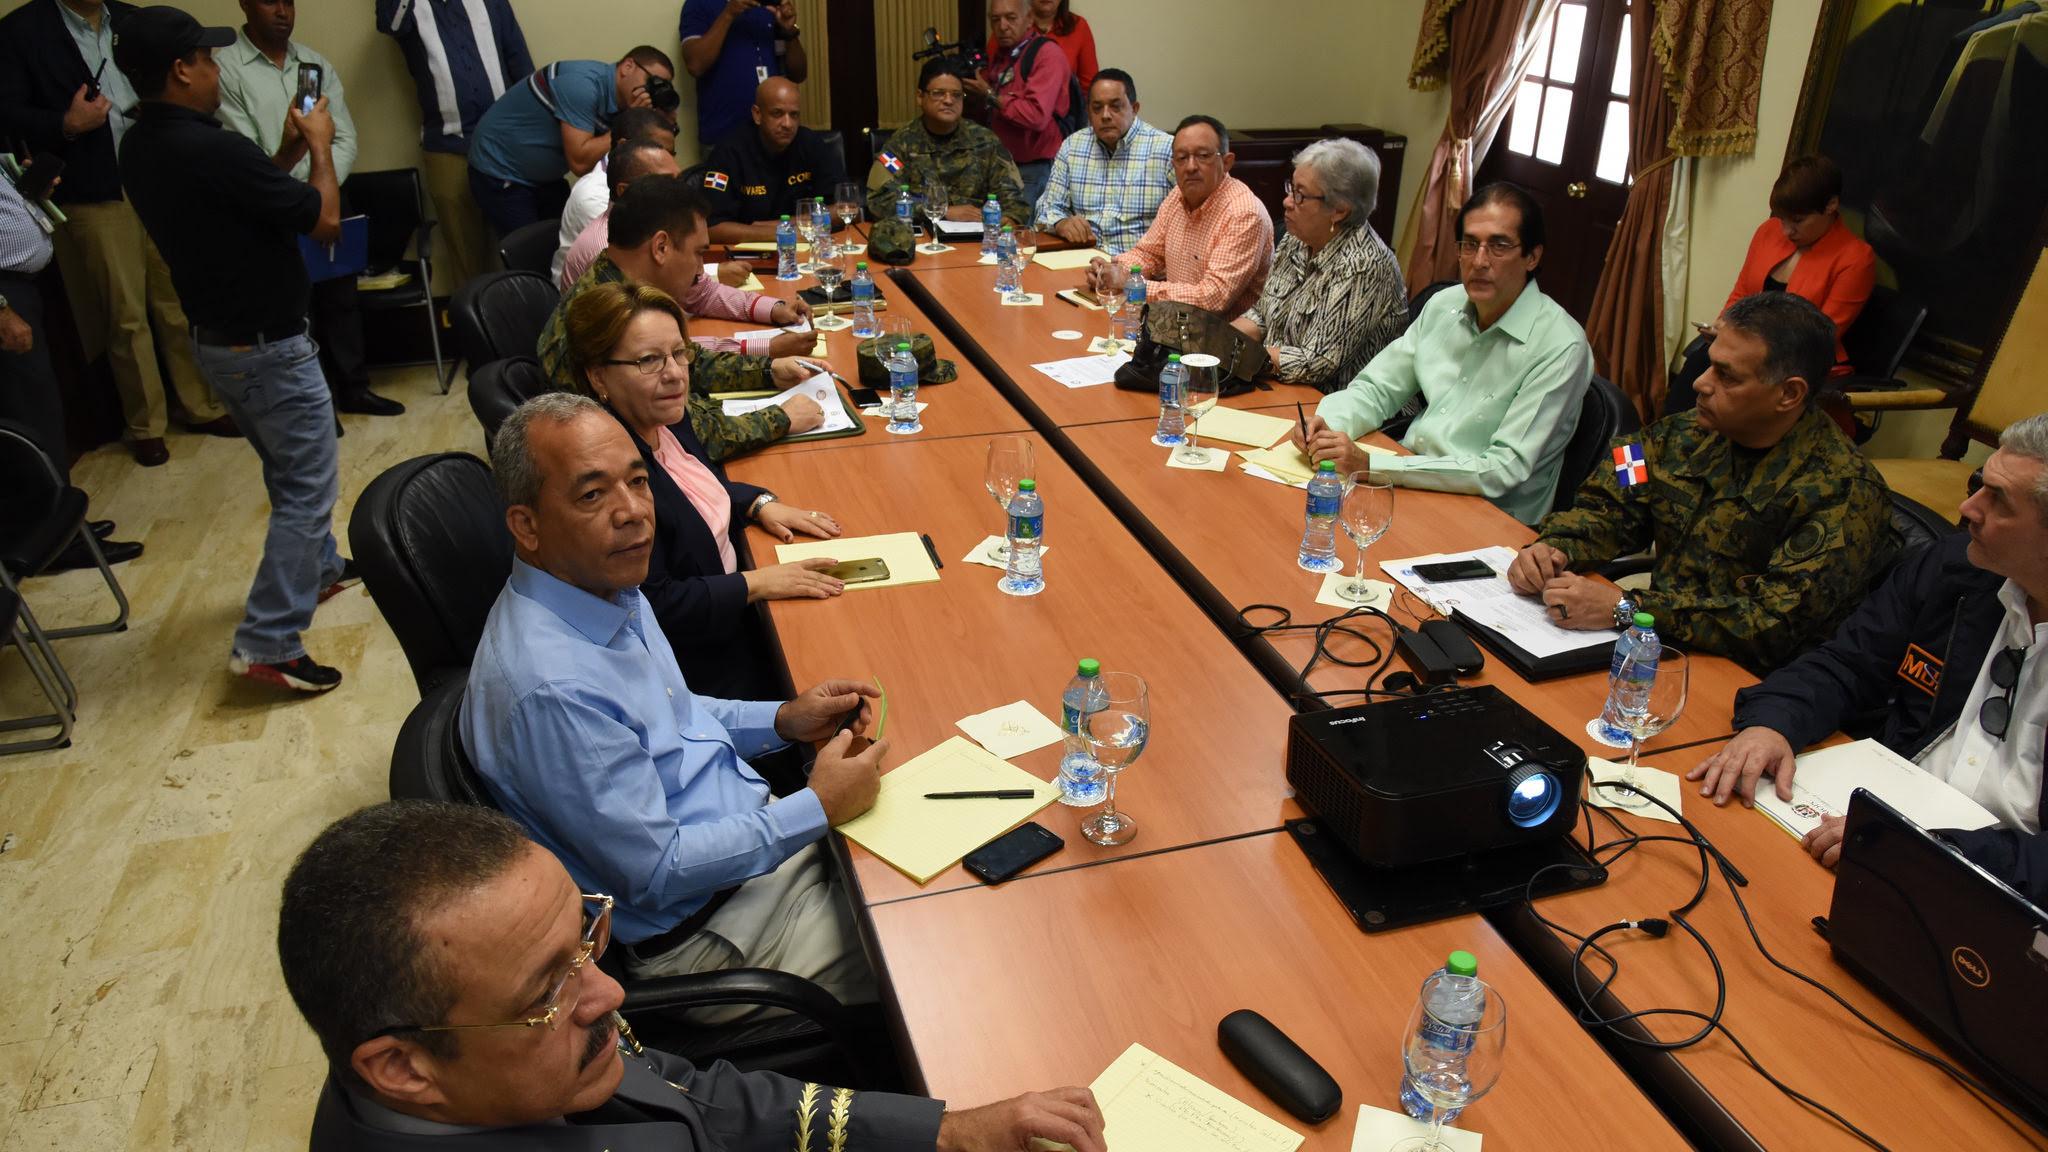 , Gobierno suspende docencia en 24 provincias ante impacto huracán Matthew.